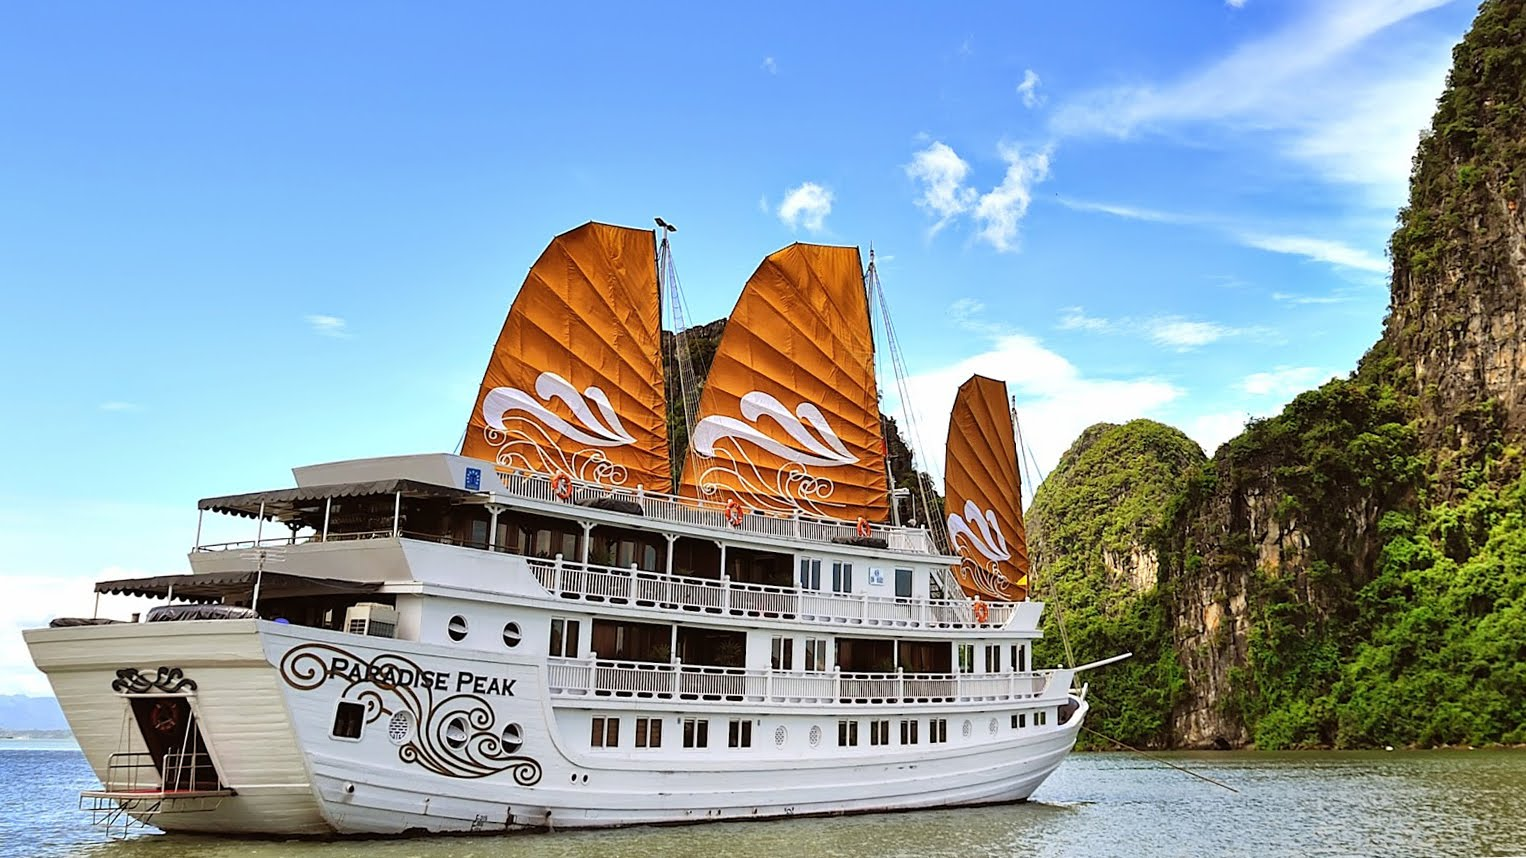 Paradise Peak Cruise